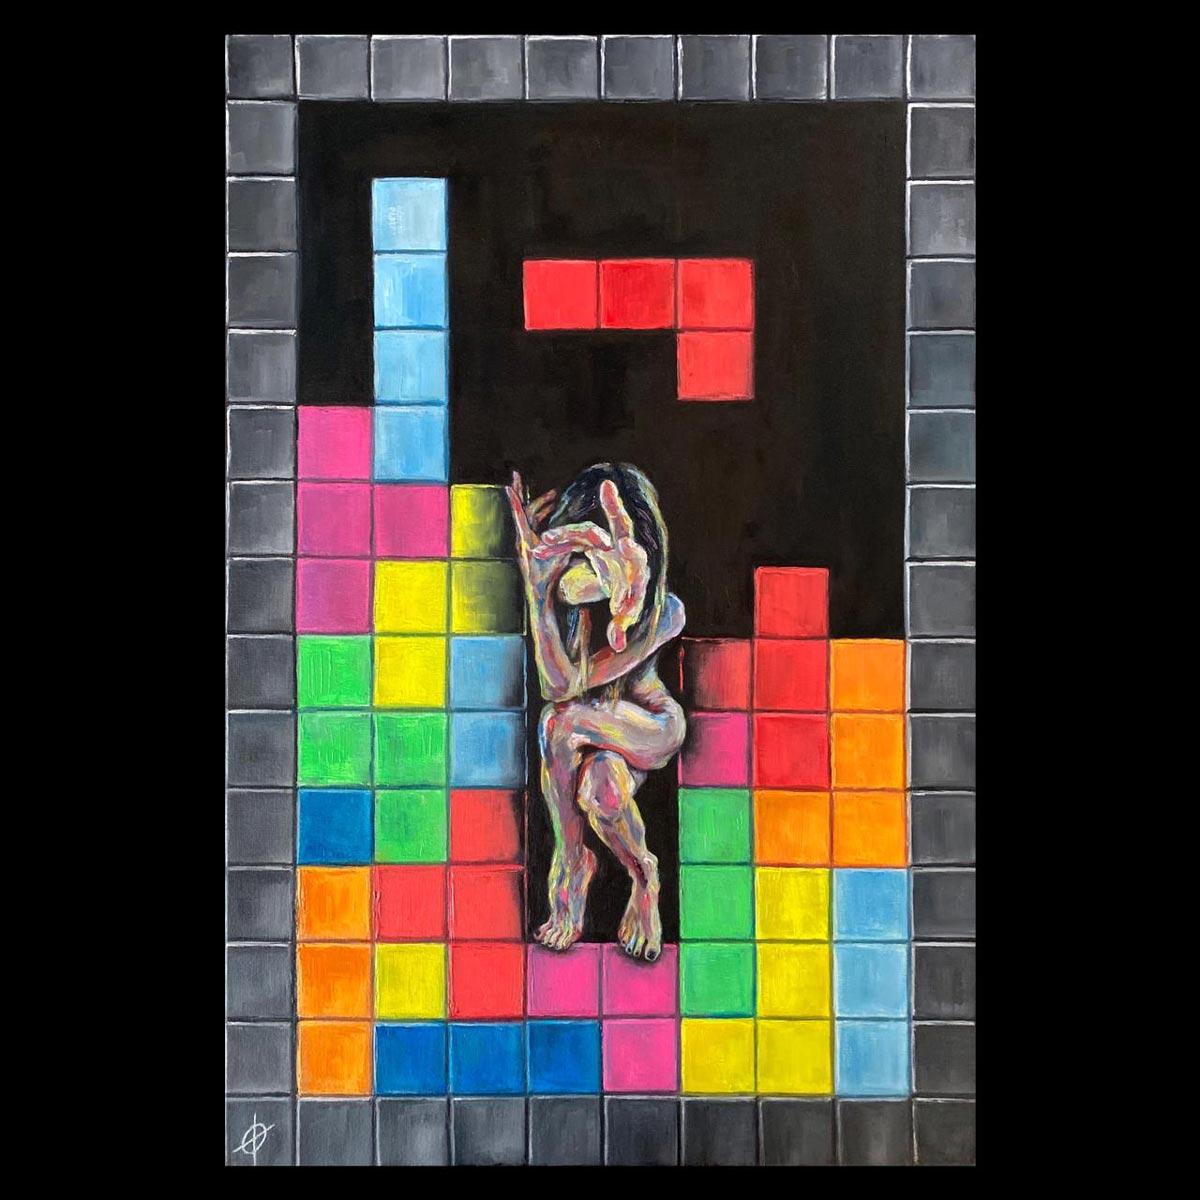 Sin Galeria, Tetris life